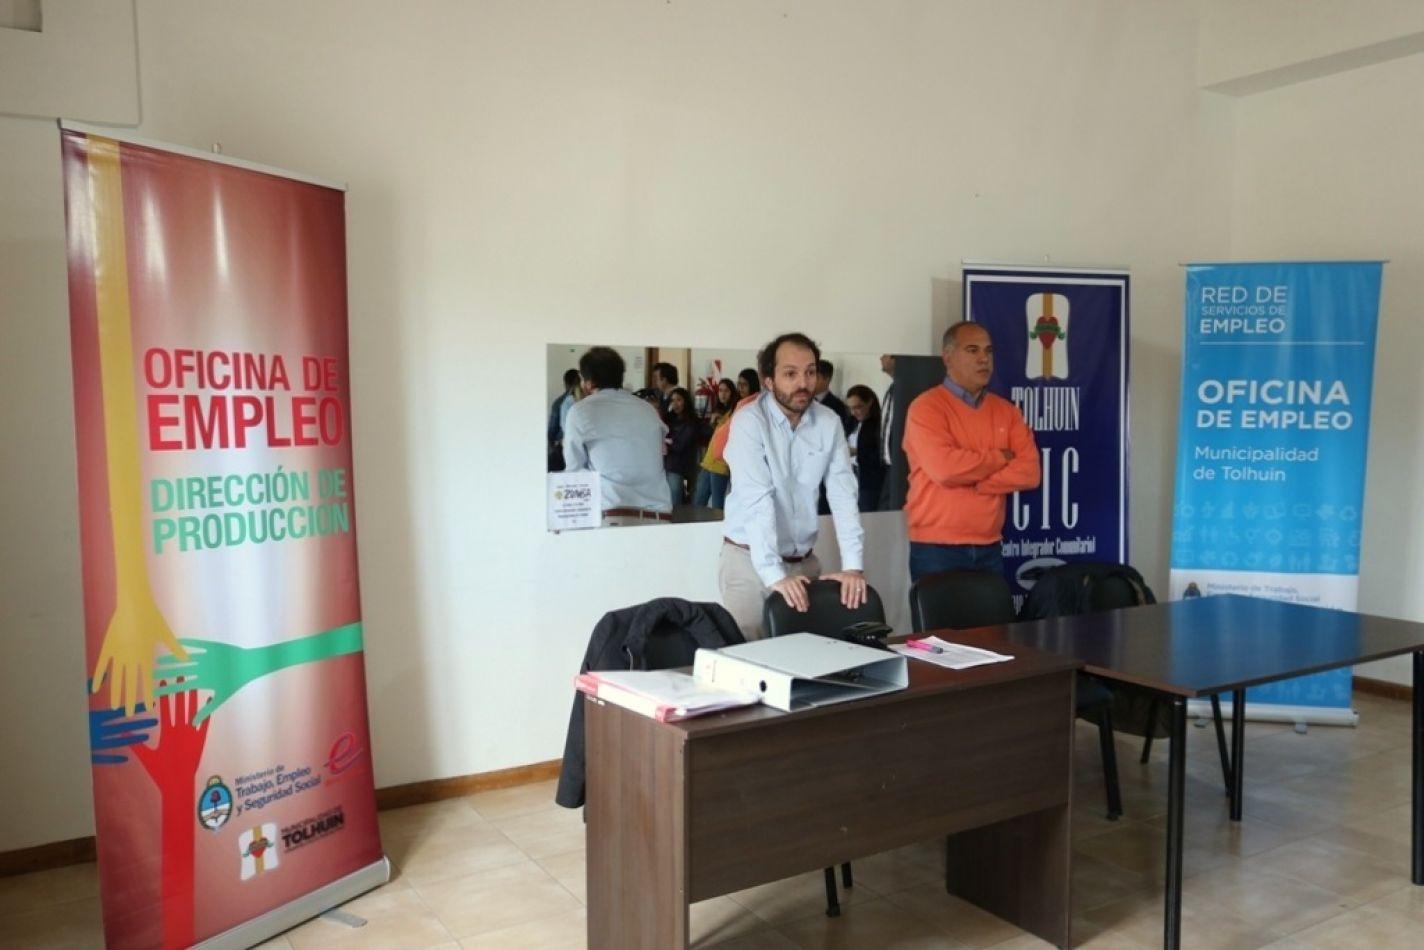 Jóvenes de Tolhuin participaron de 2º Jornada del Club Empleo Joven